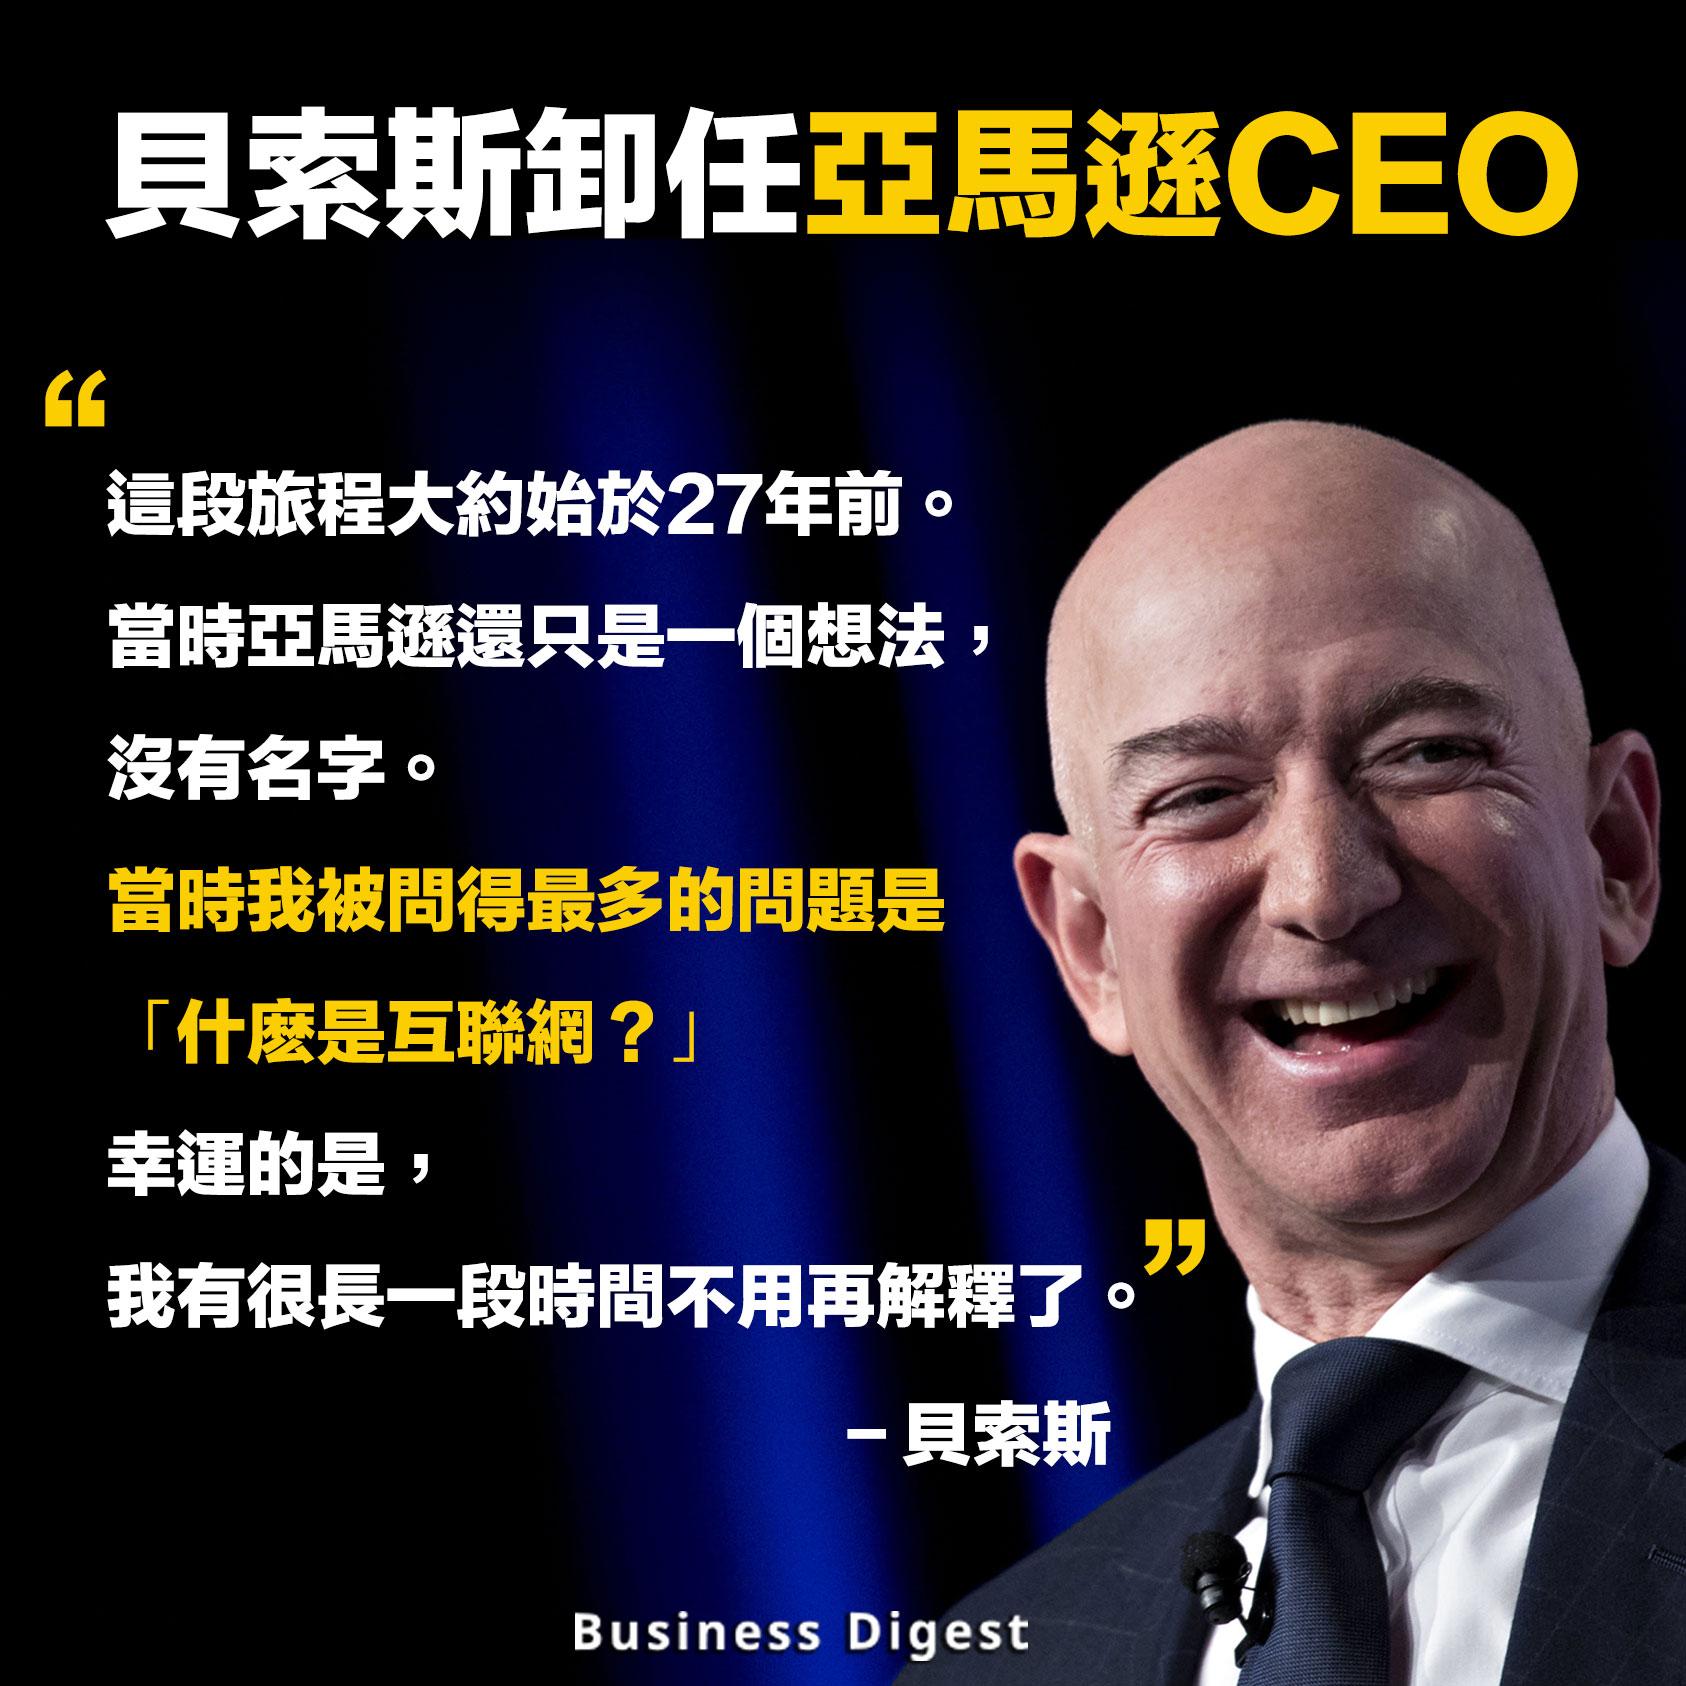 貝索斯卸任亞馬遜CEO,未來專注於藍色起源等業務